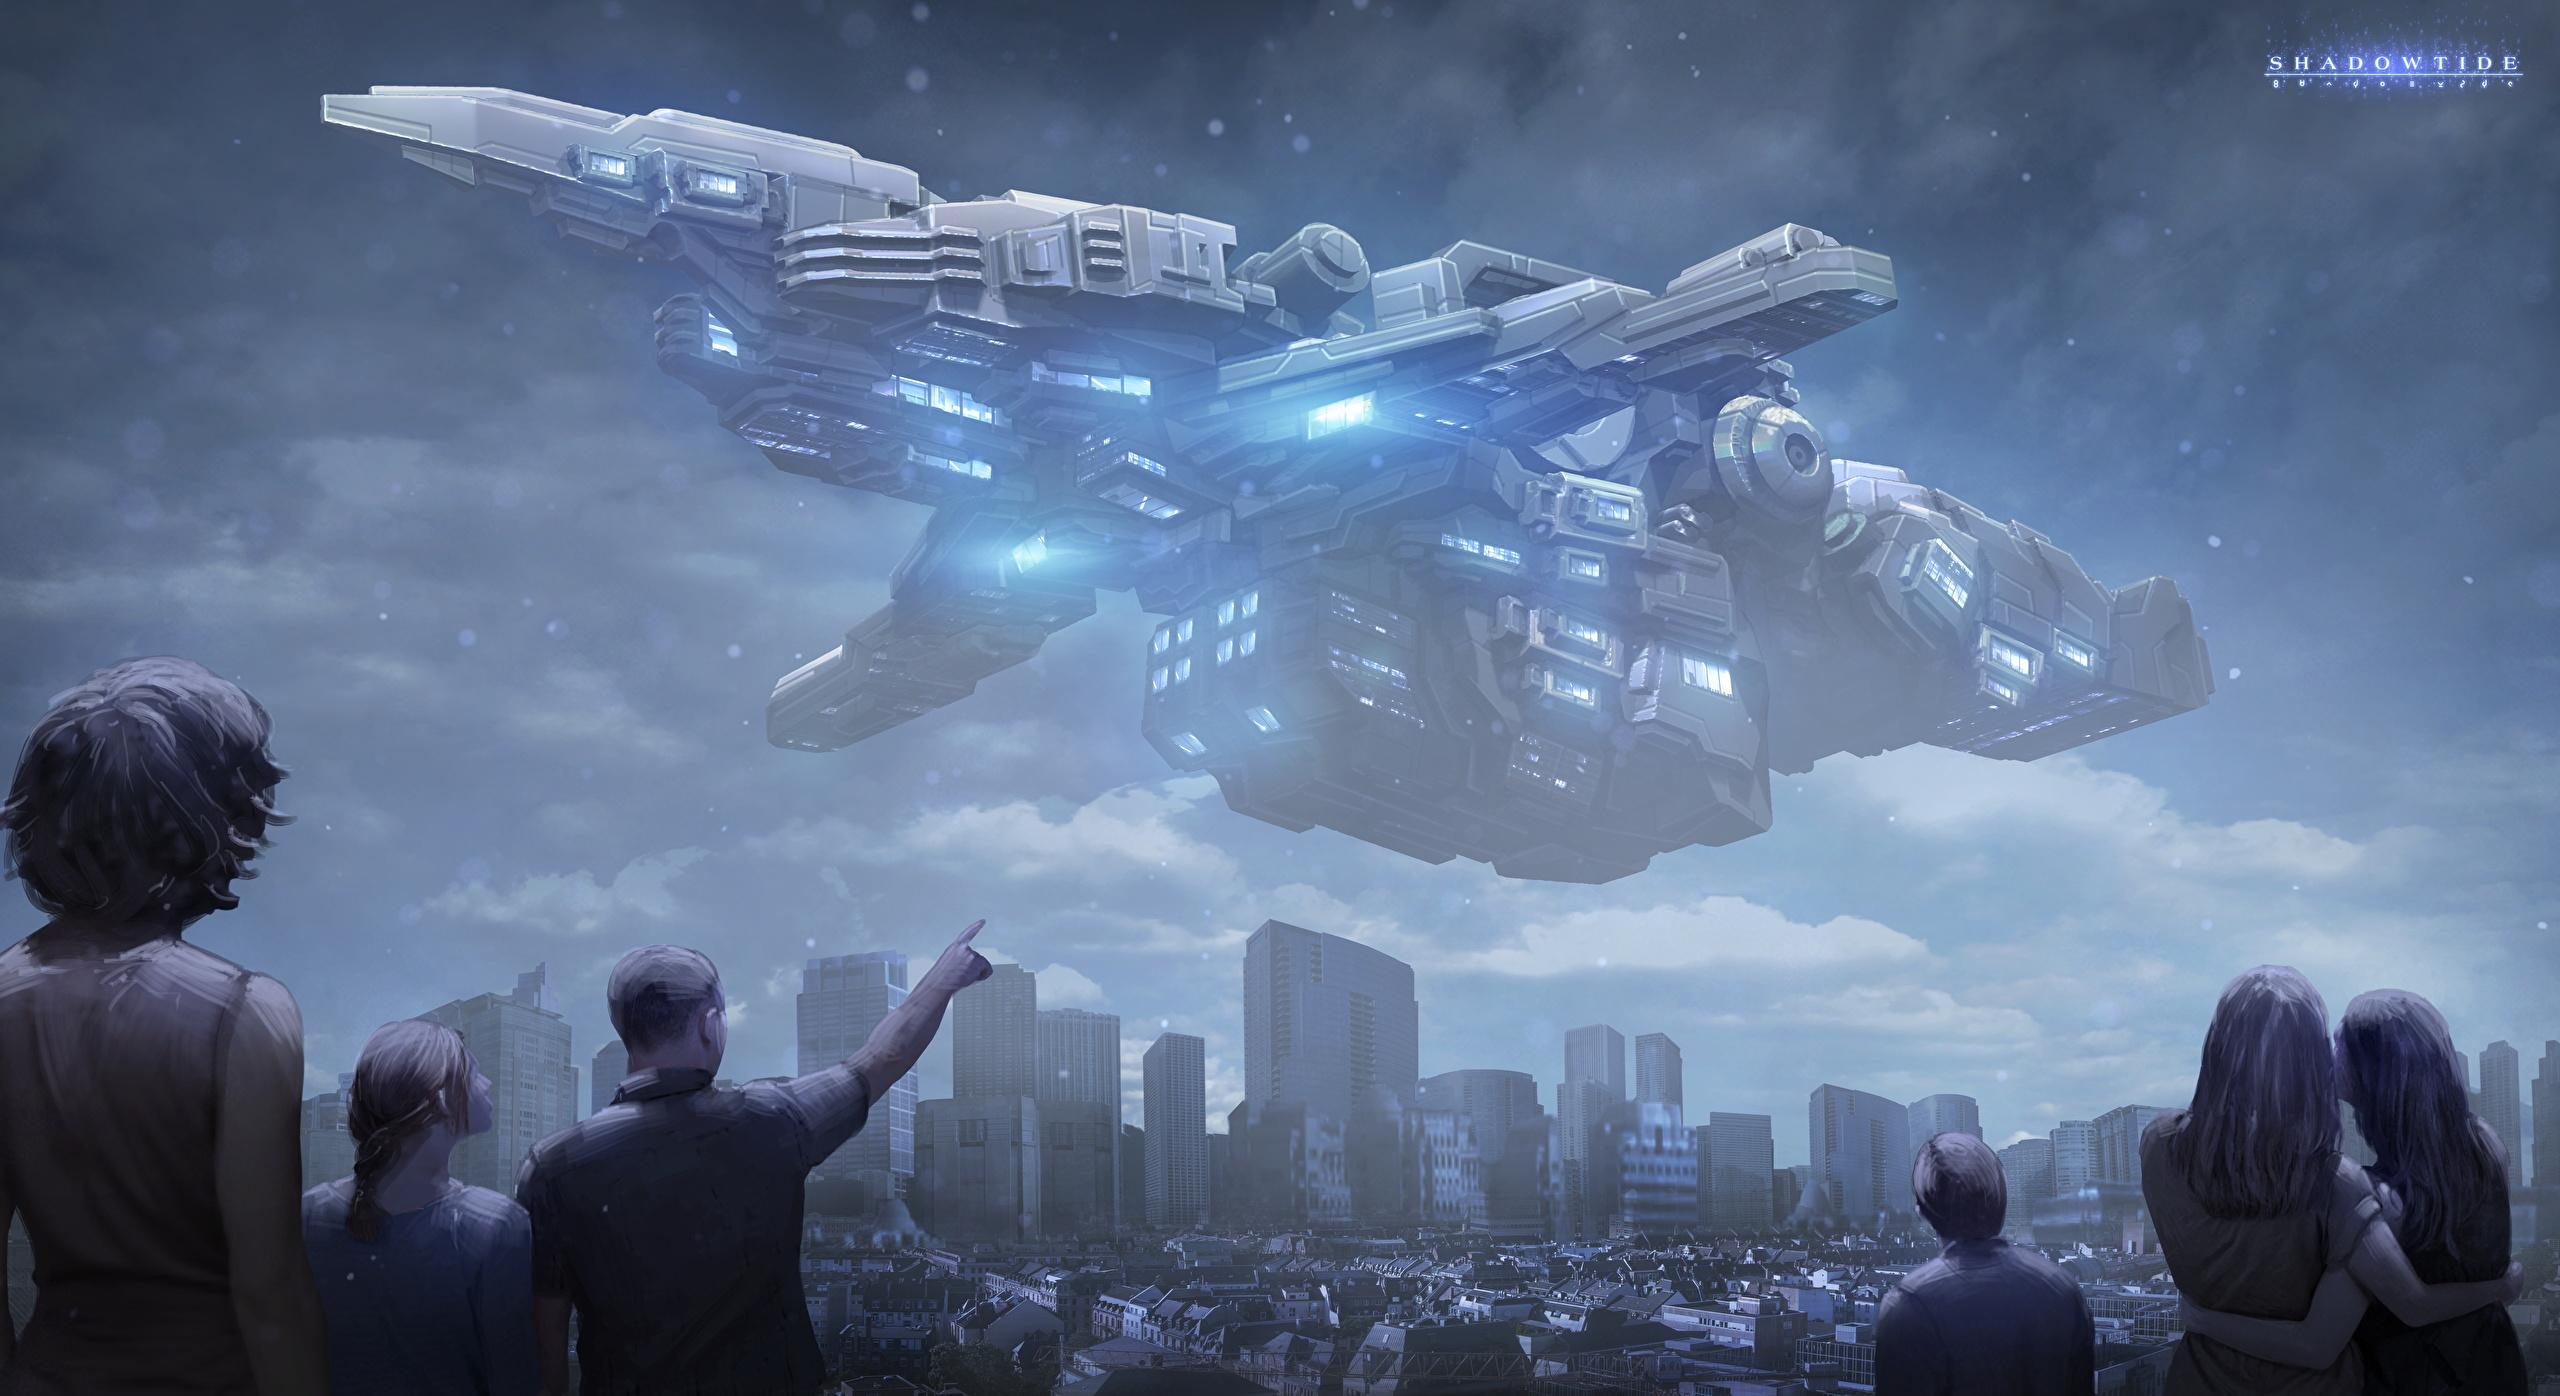 Ufo extraterrestrials piratebay hentai galleries